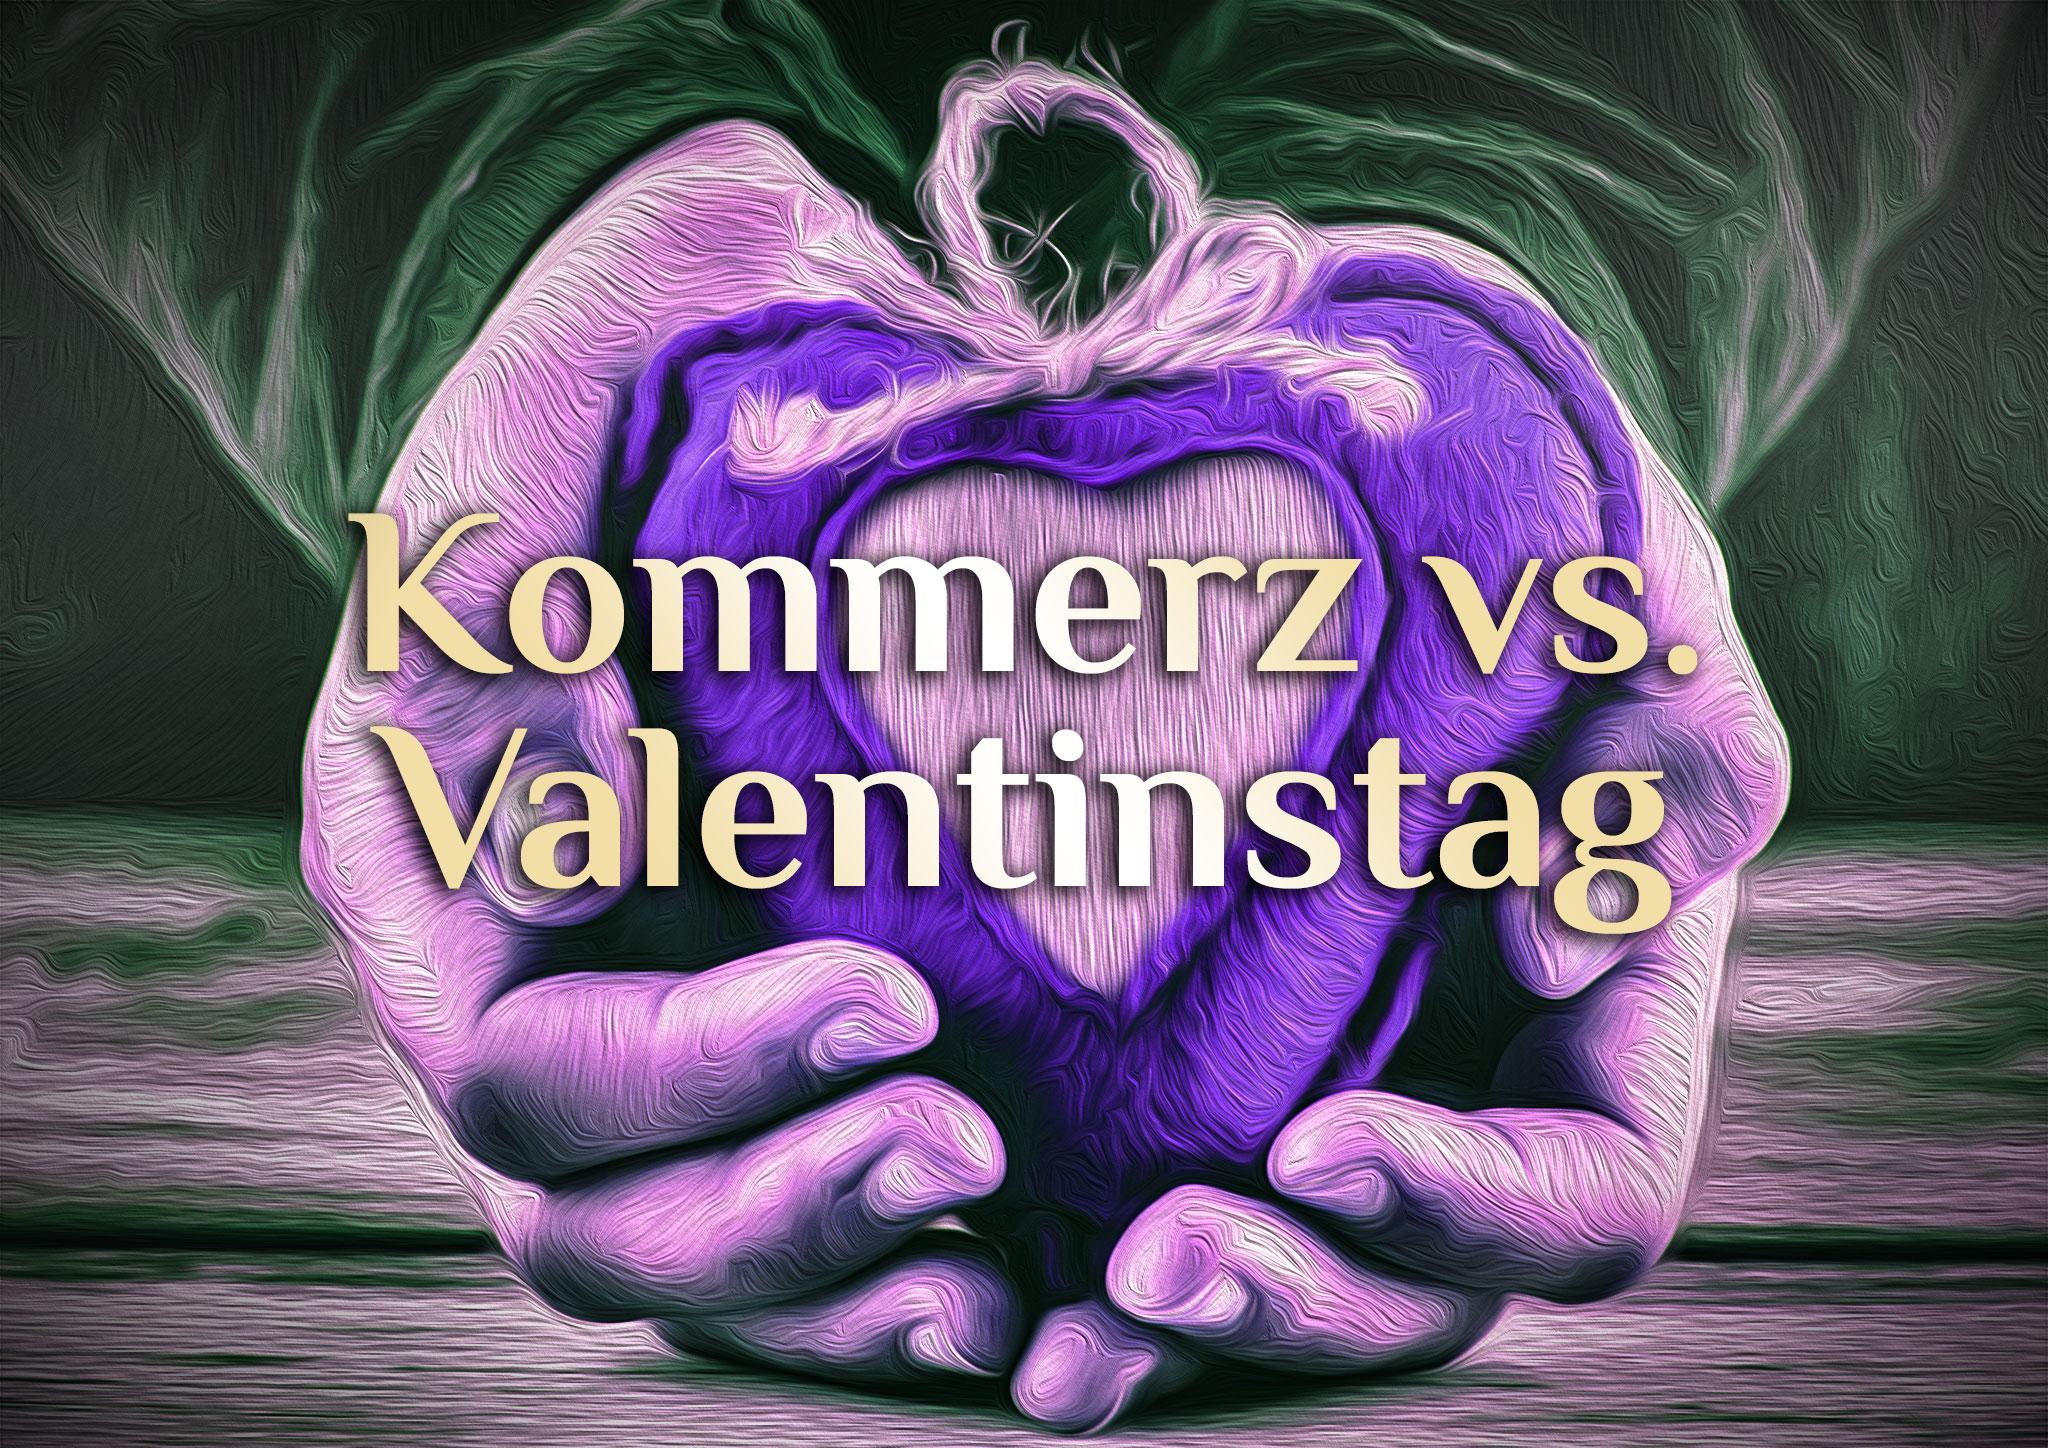 Valentinstag - Feiertag der Liebe & des Kommerz